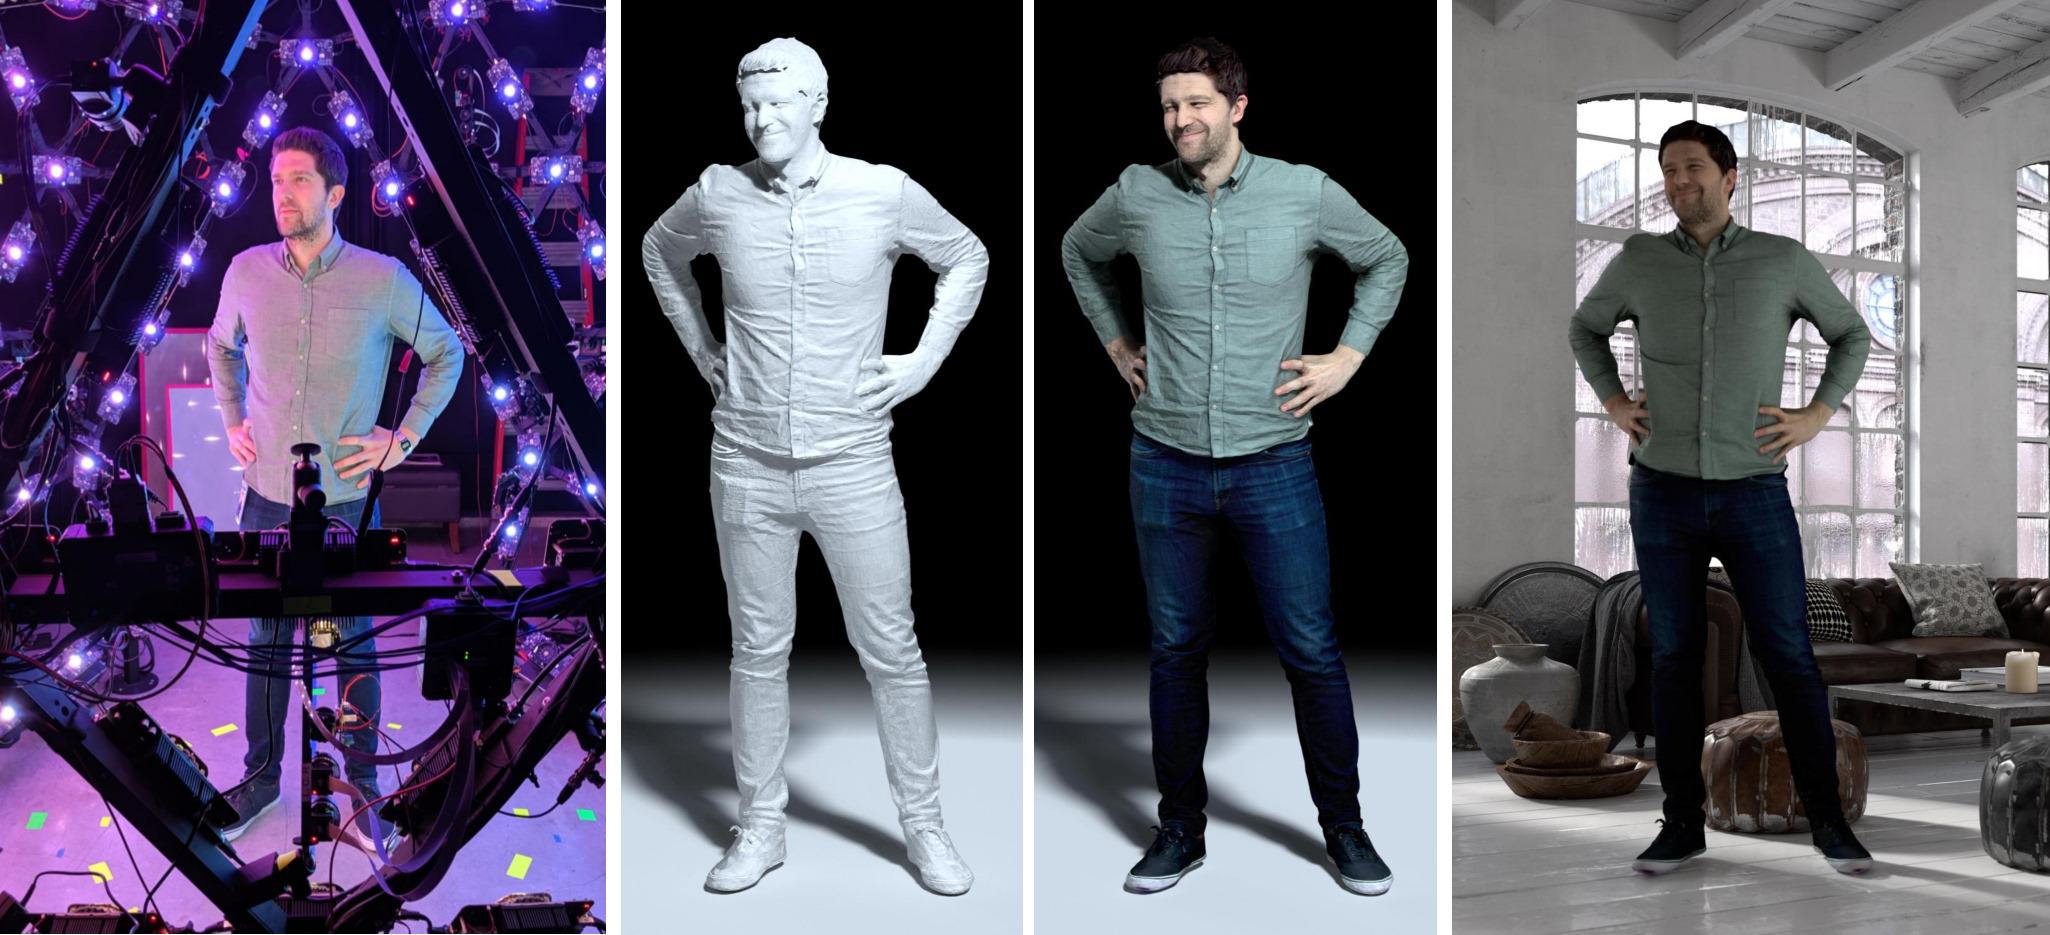 LED-сфера размером с комнату создает виртуальные 3D-модели людей